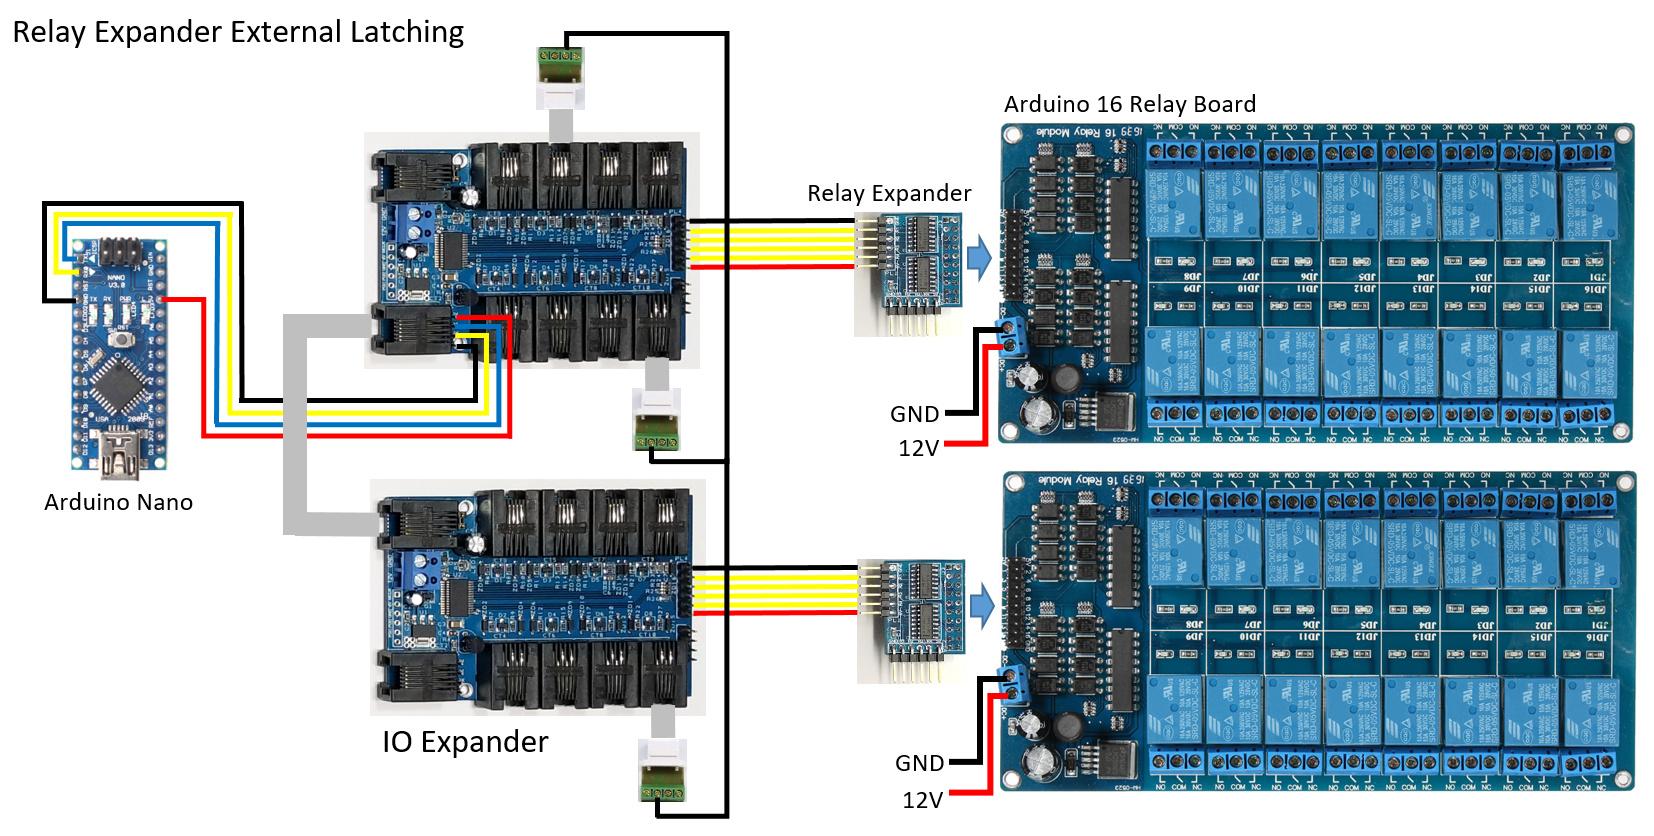 Relayexpanderlatching dgk3bqocqx